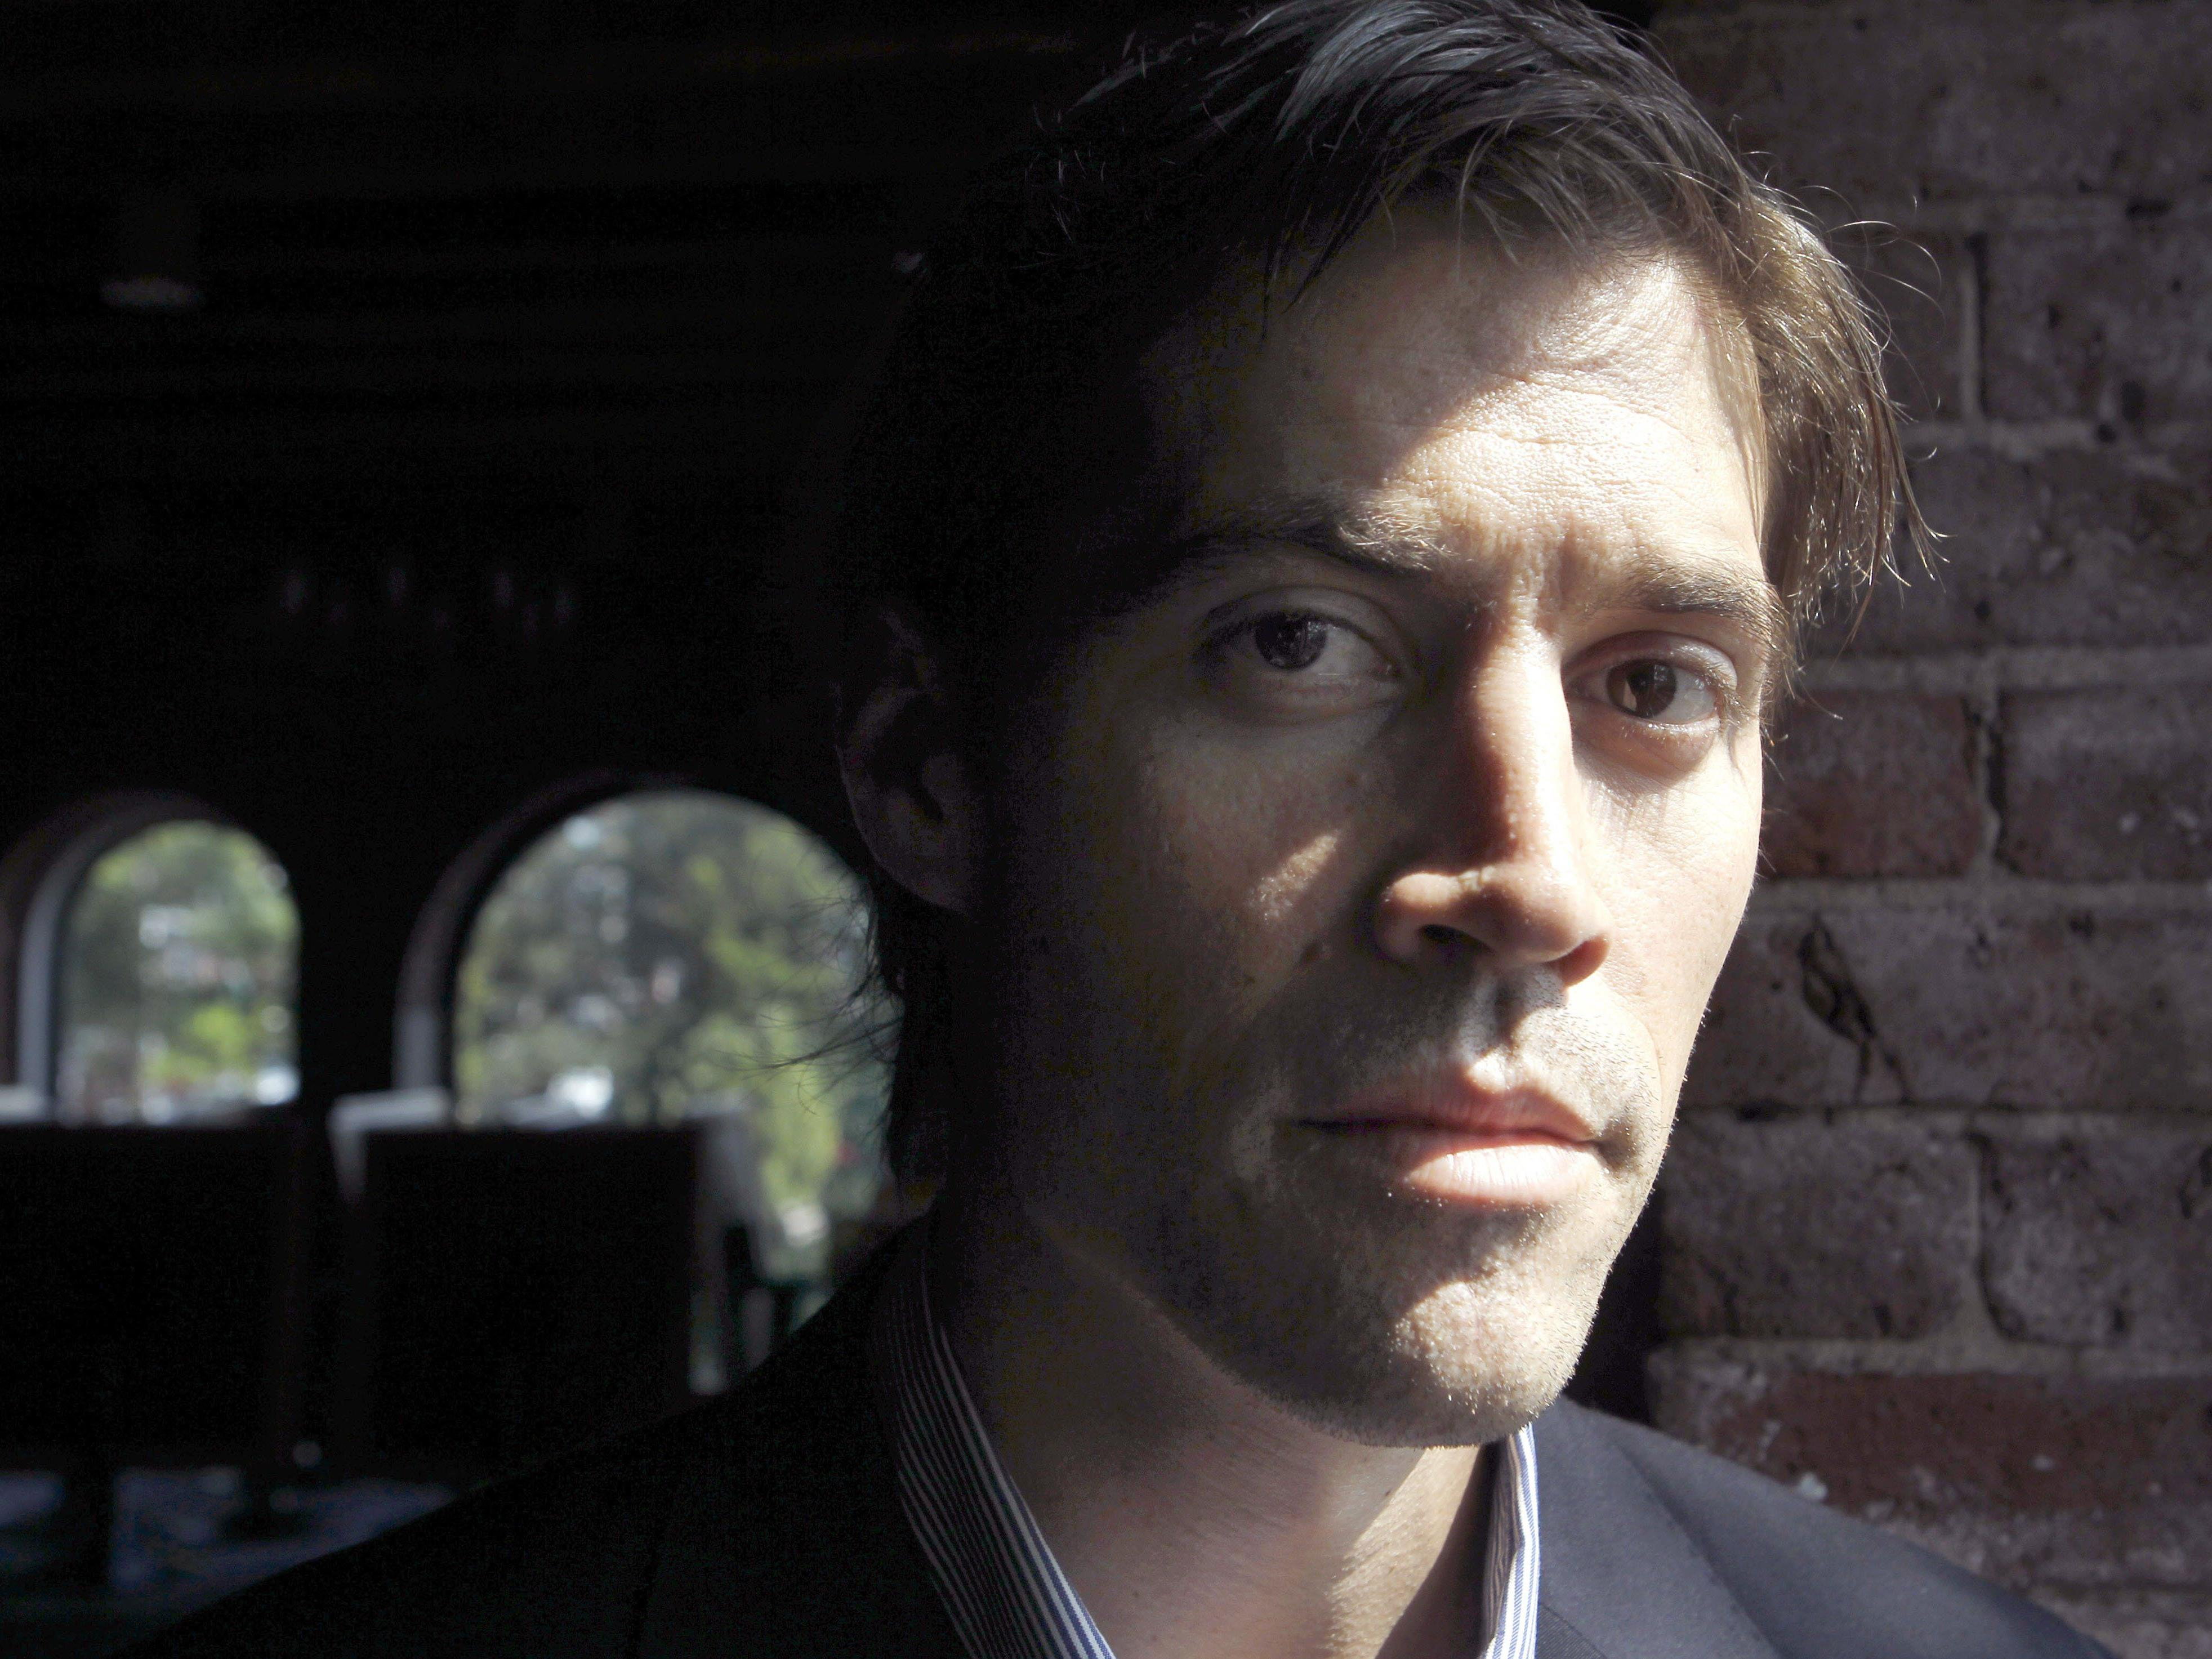 Die Enthauptung von James Foley wurde auf einem Video festgehalten.